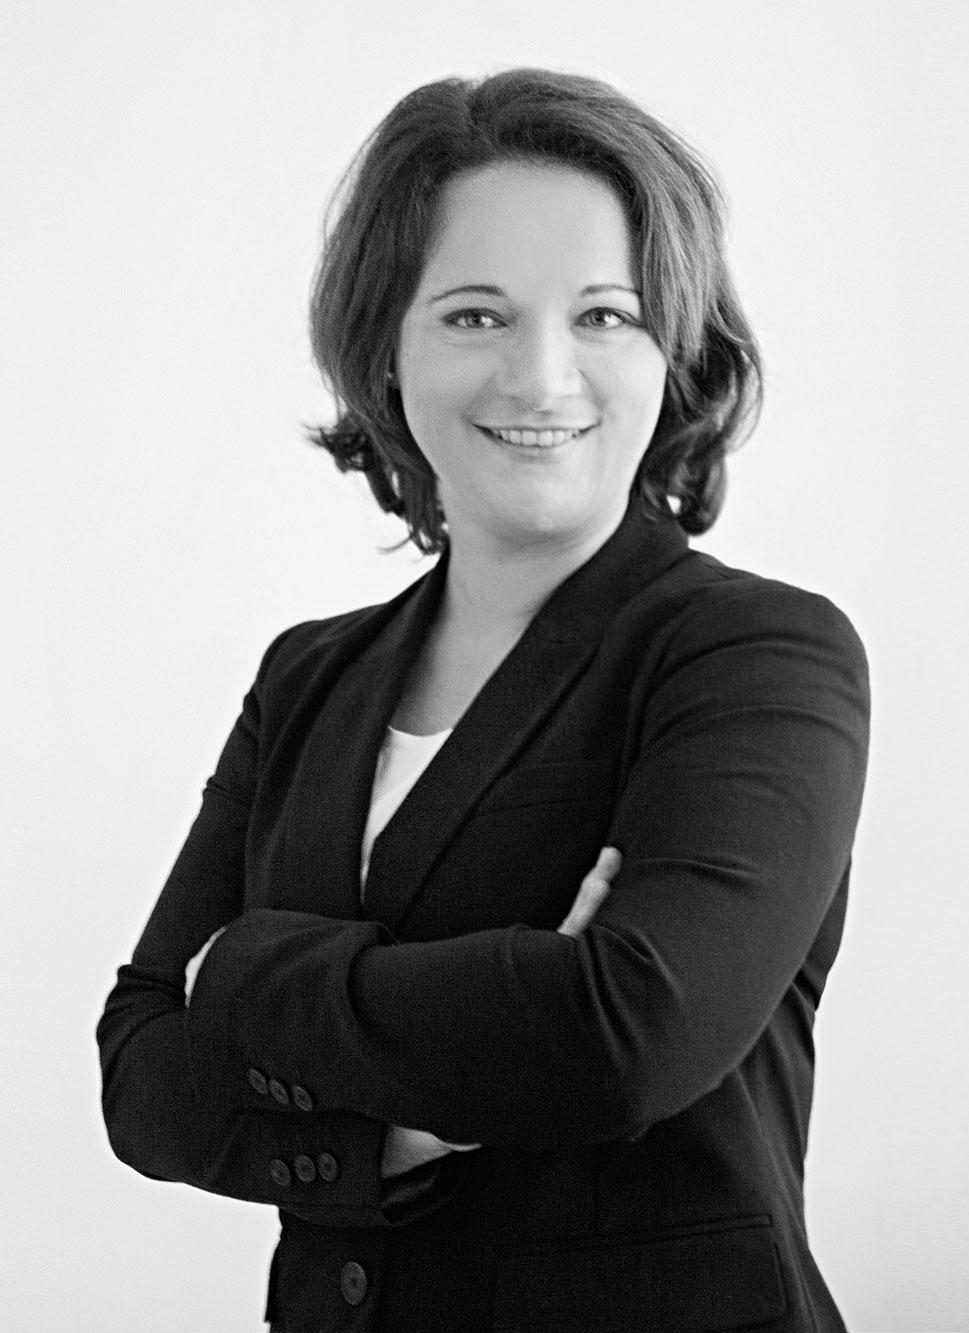 Stephanie Kainz